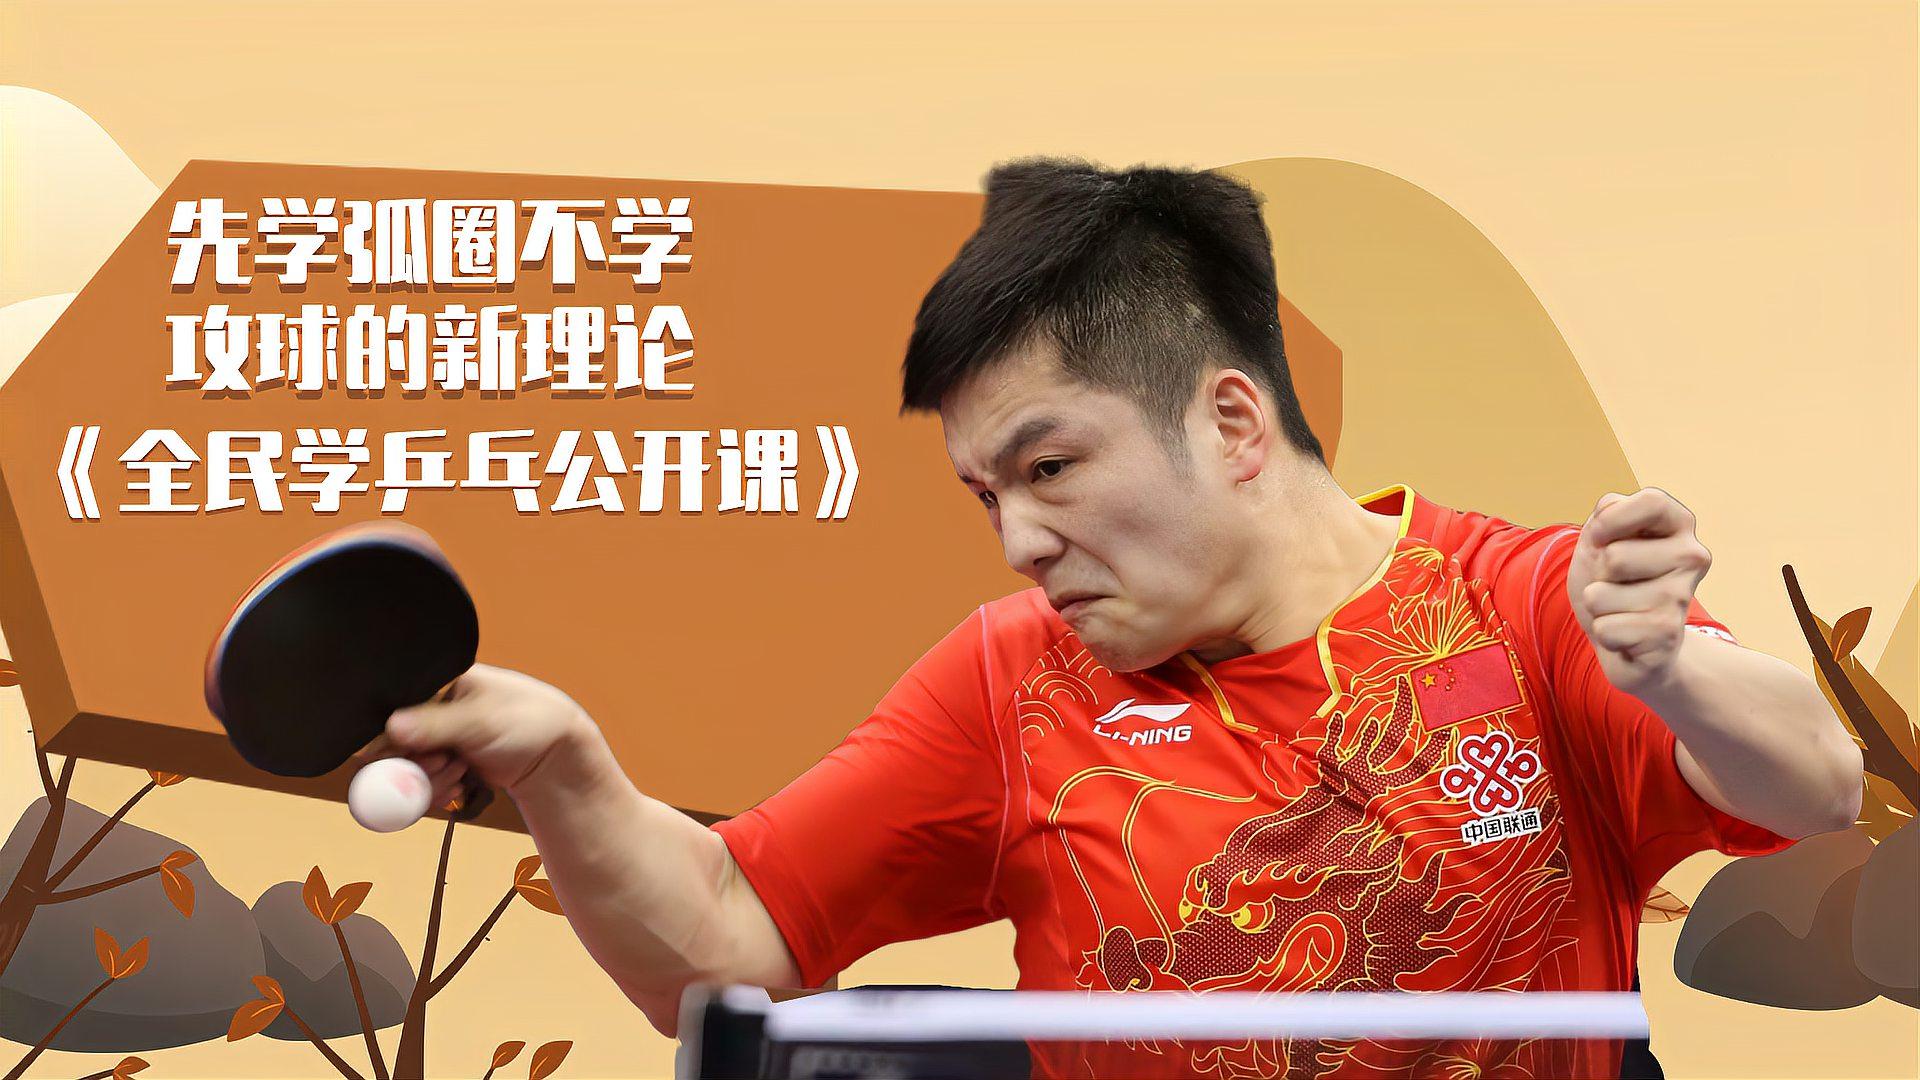 适合乒乓球天才的方法?先学弧圈不学攻球新理论,看后顿悟!